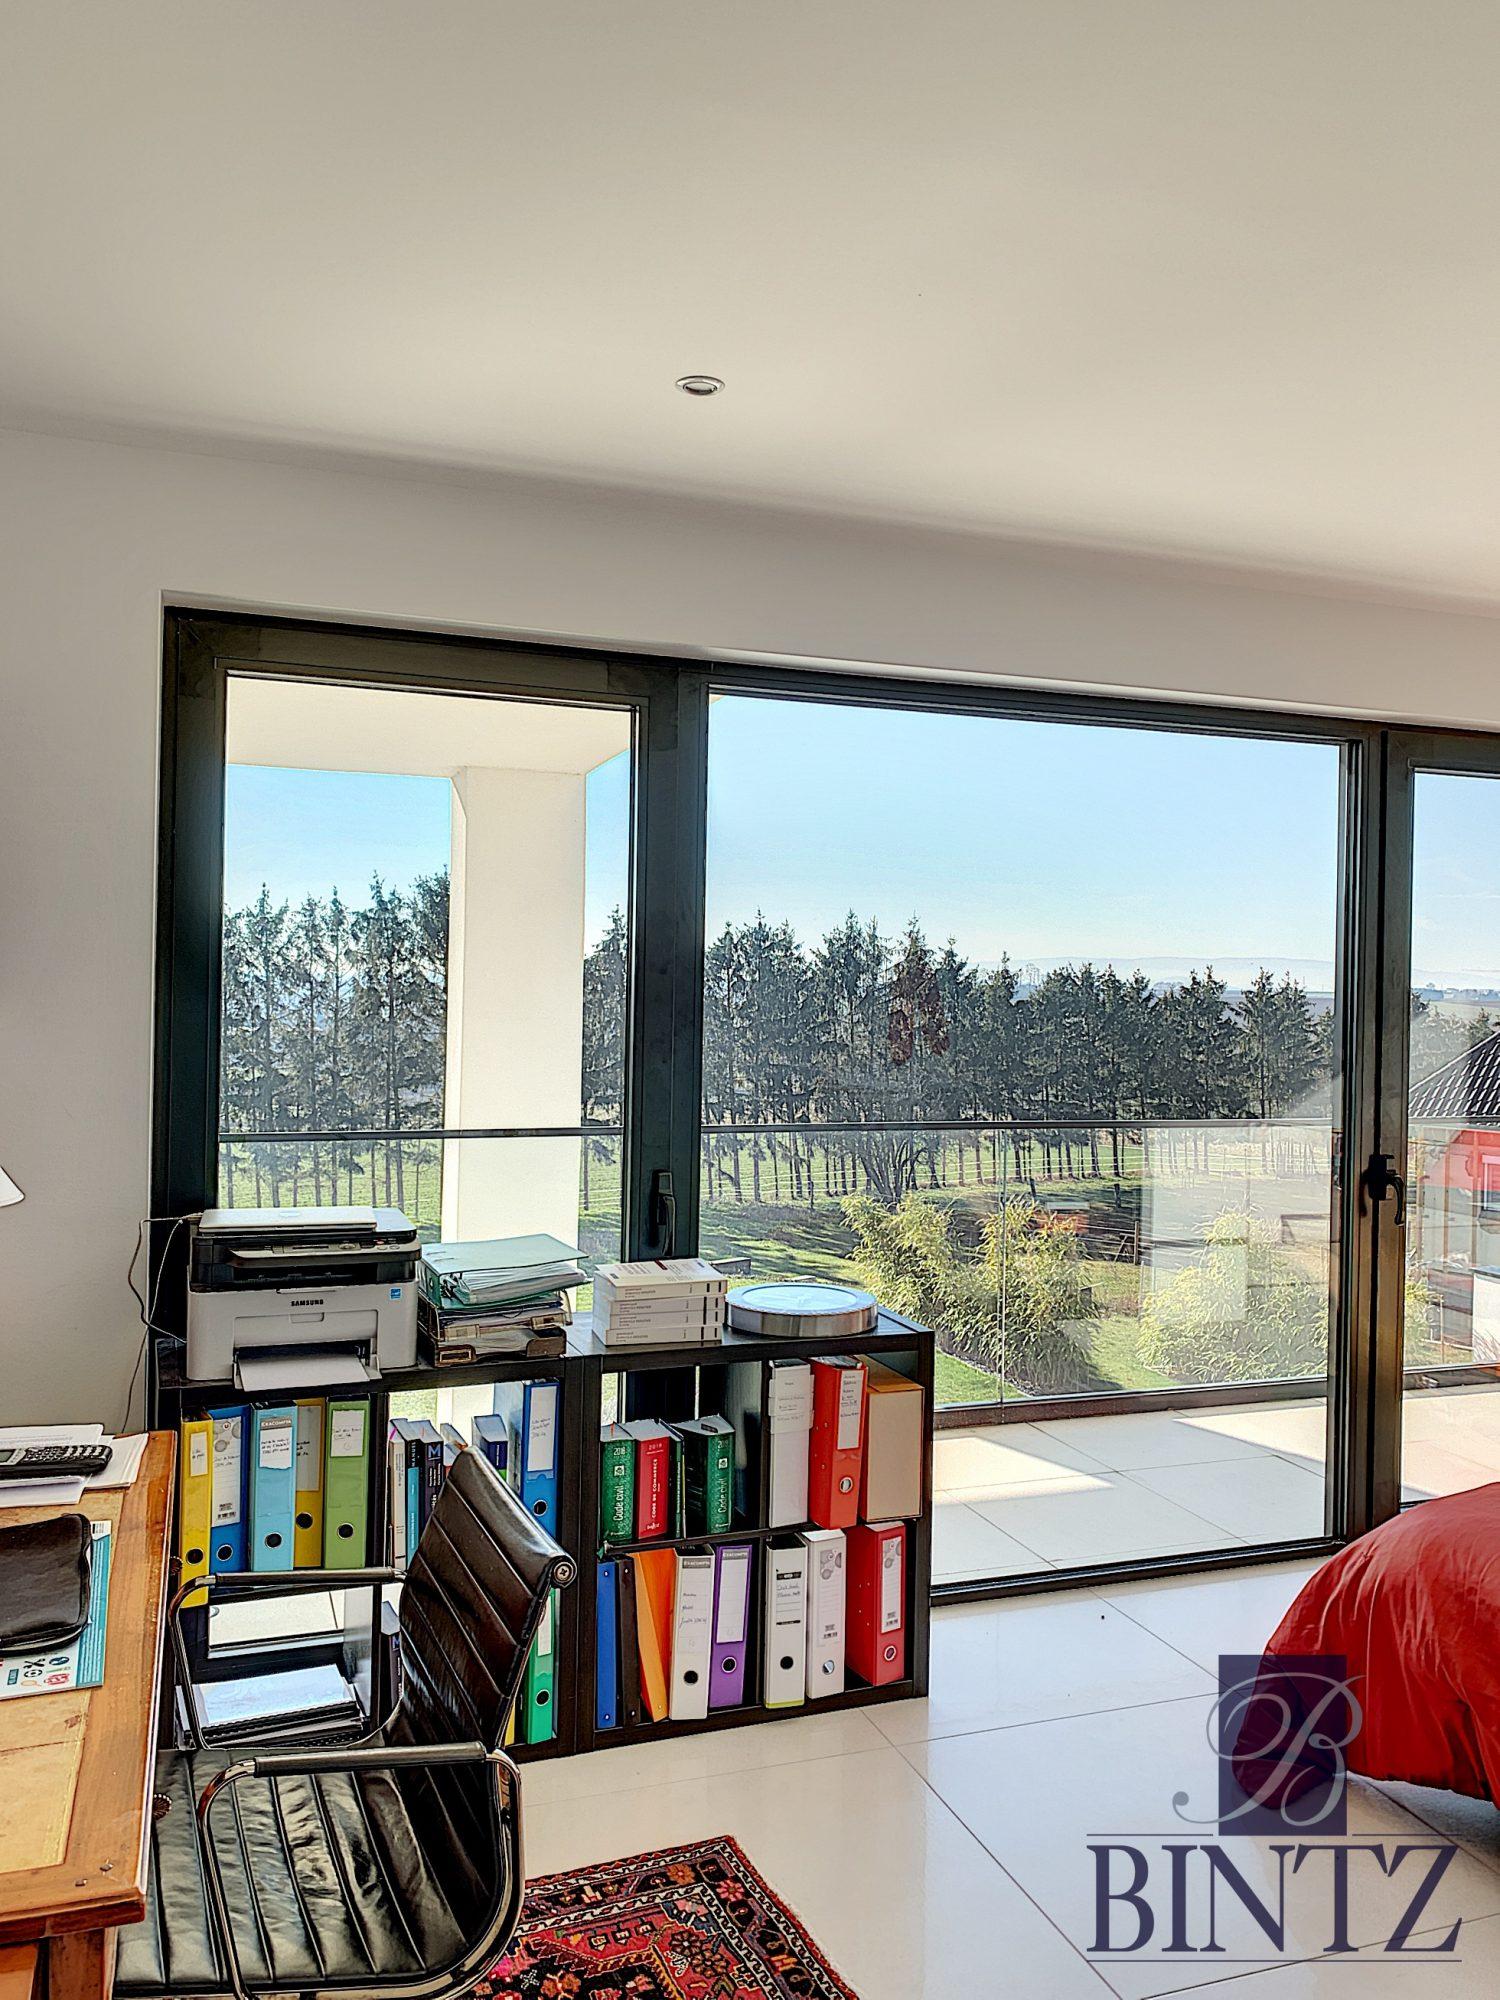 Villa contemporaine au coeur du Kochersberg - Devenez propriétaire en toute confiance - Bintz Immobilier - 9